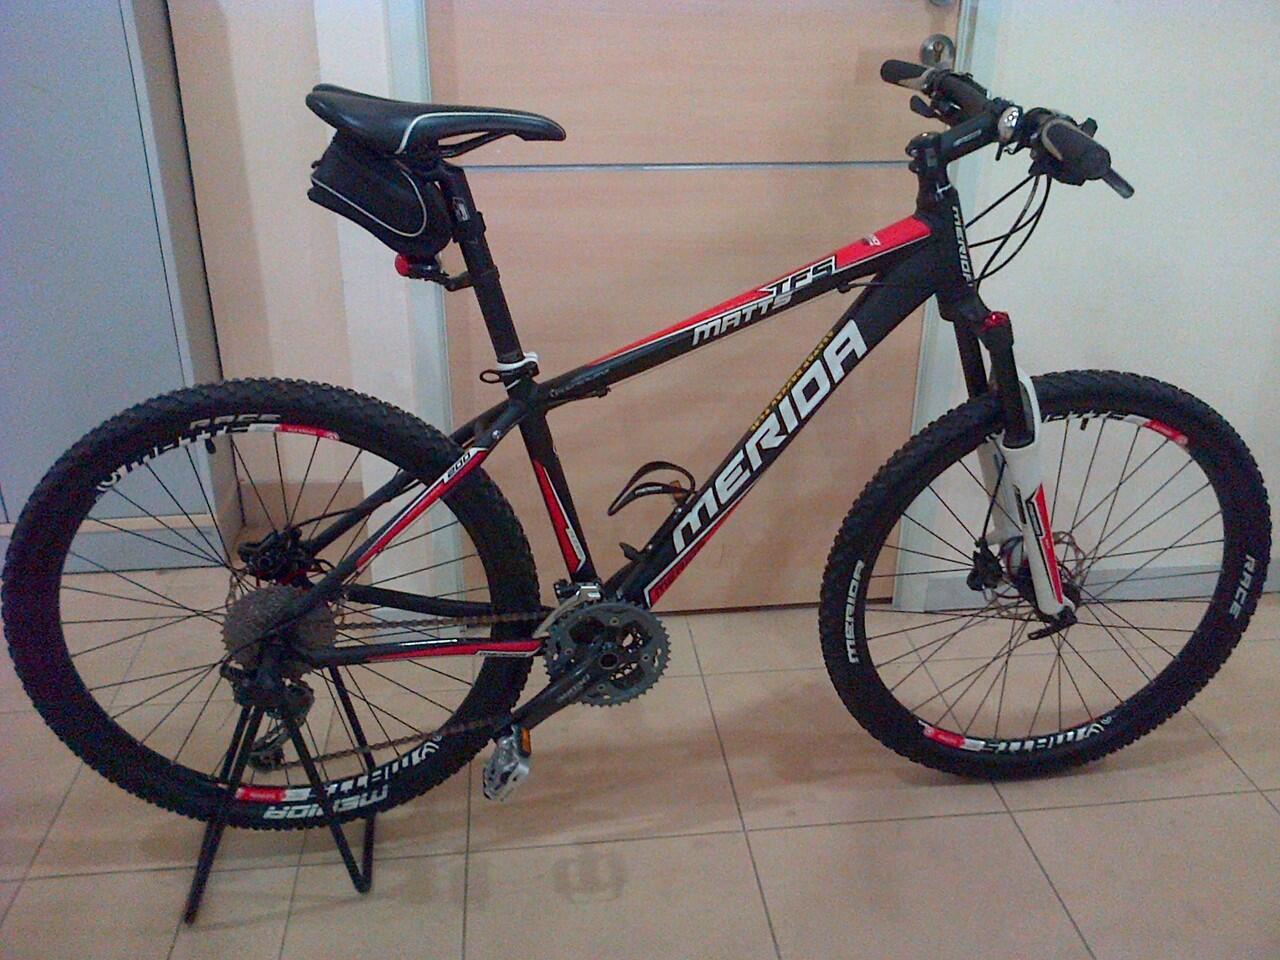 Harga Sepeda Gunung Merida - Terkini Online